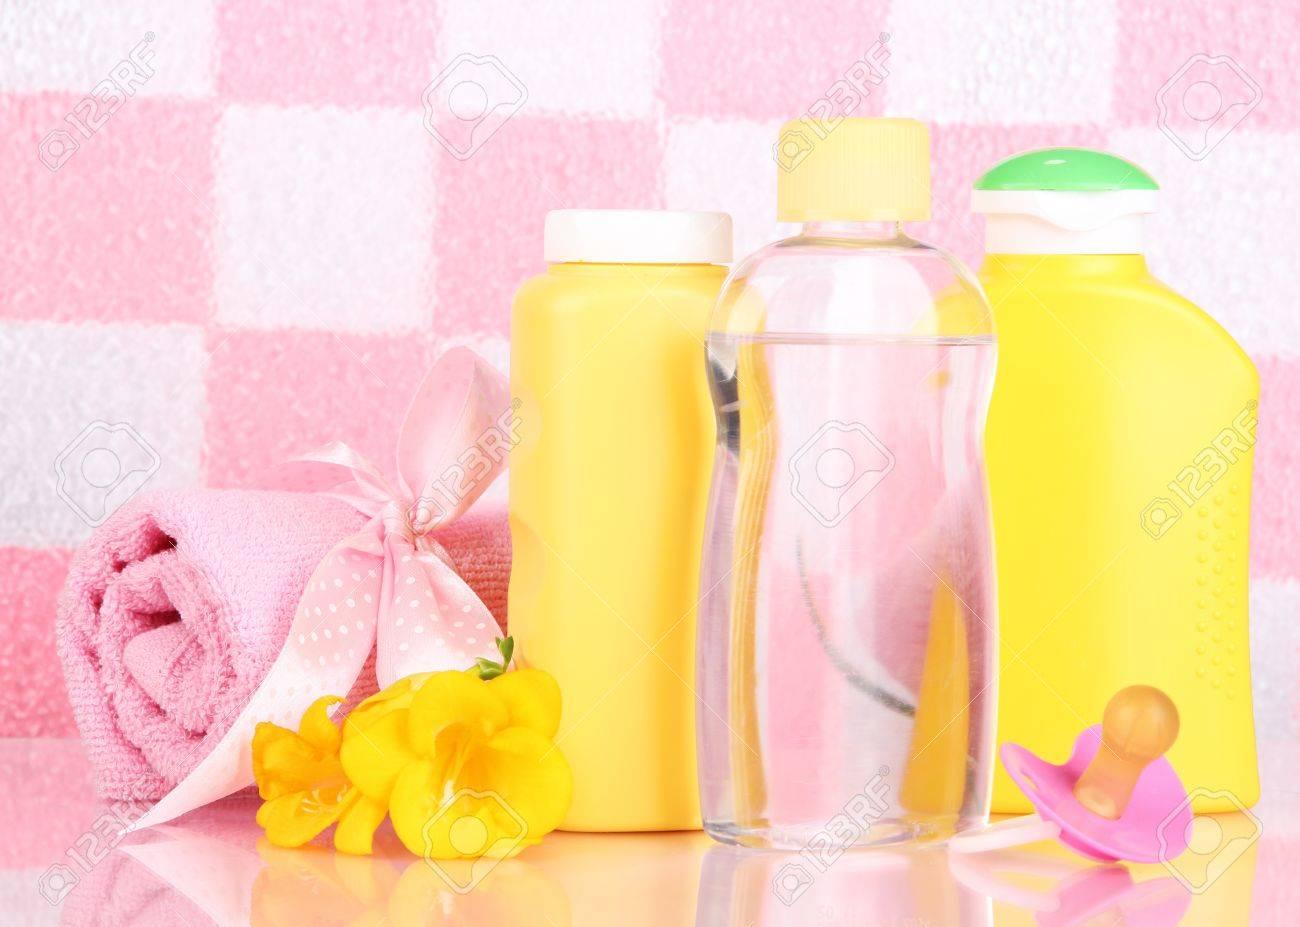 baby-kosmetik und handtuch im badezimmer auf rosa fliesen wand, Hause ideen